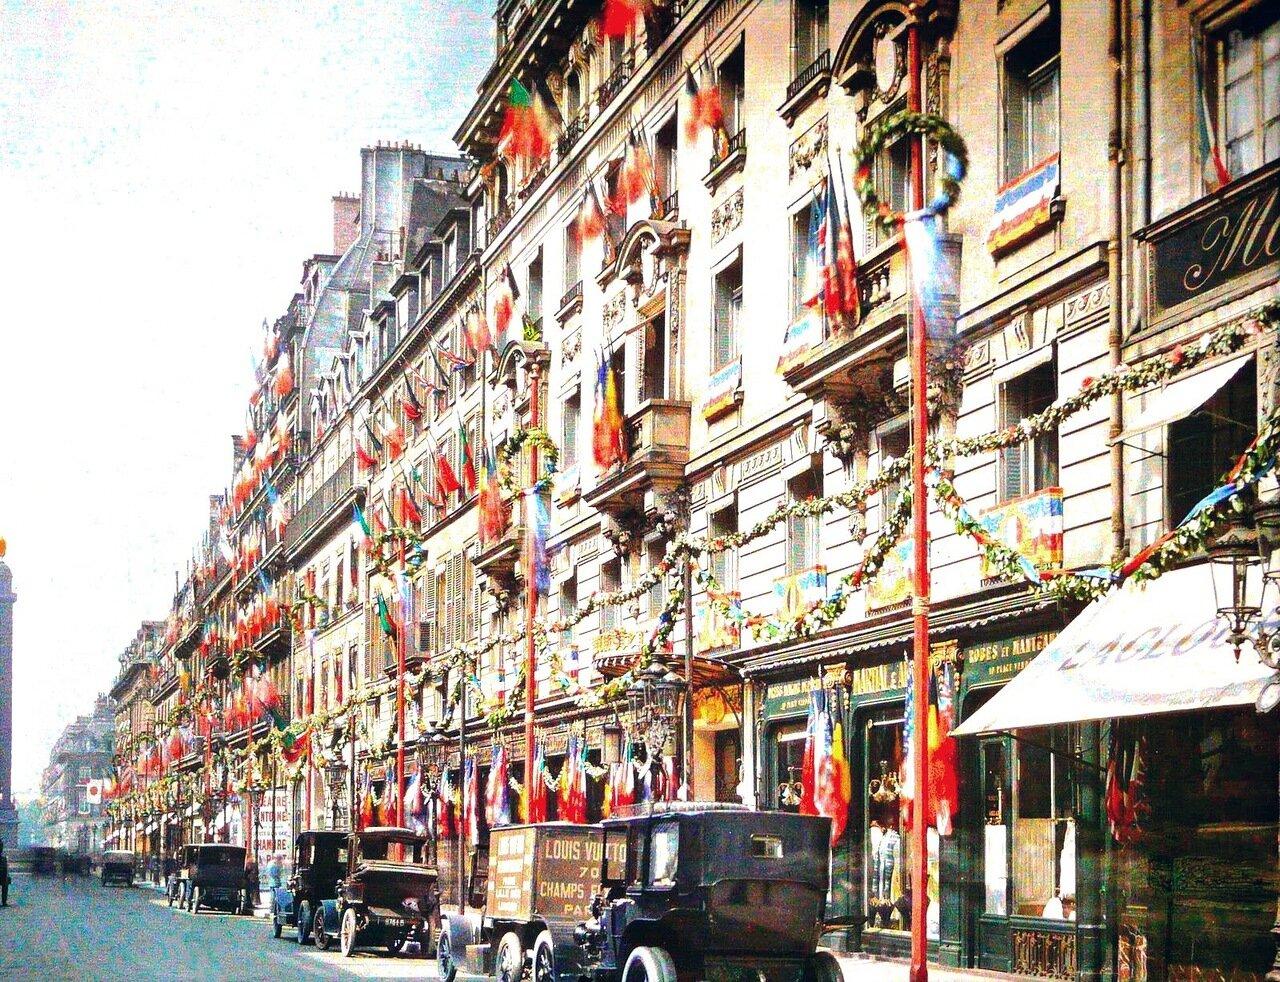 1918 улица де ла пакс торжества в честь